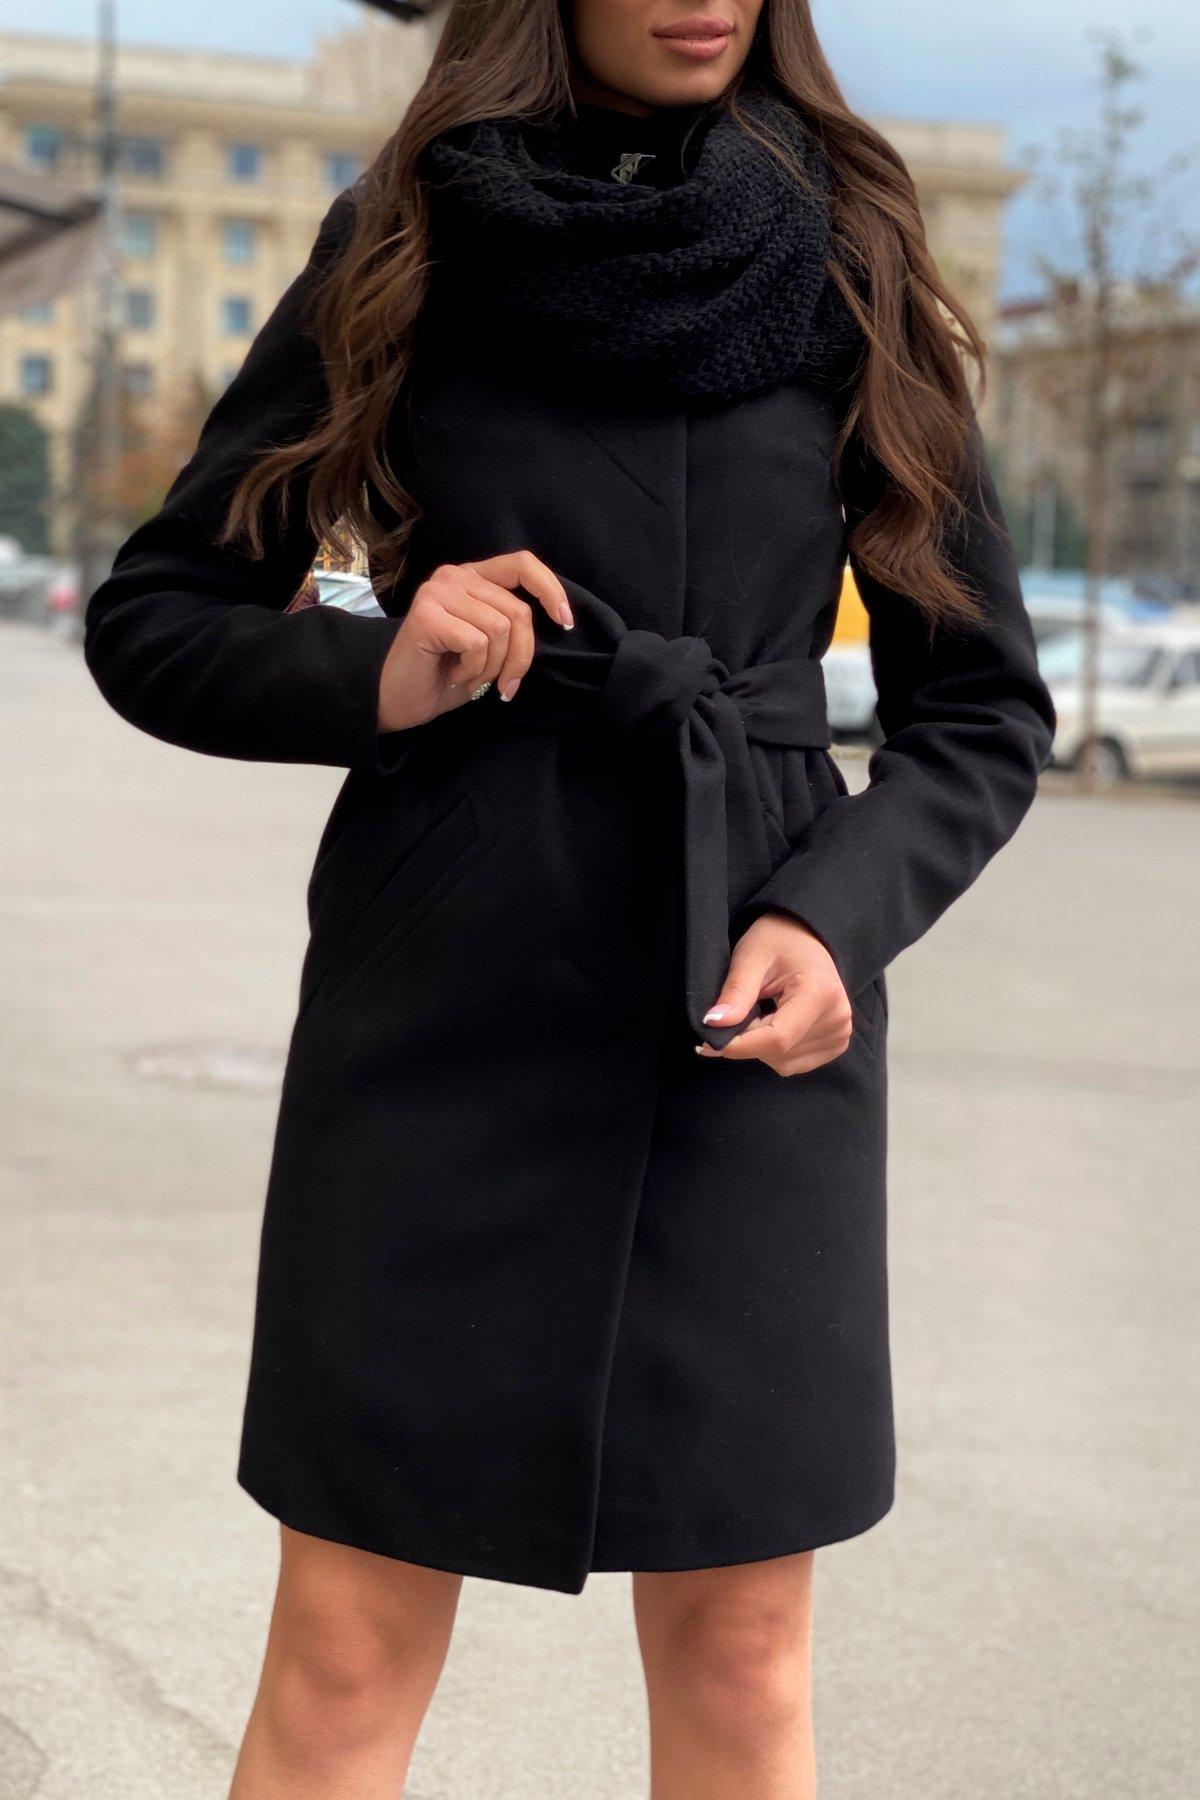 Пальто зима с хомутом Люцея 8211 АРТ. 44225 Цвет: Черный Н-1 - фото 11, интернет магазин tm-modus.ru